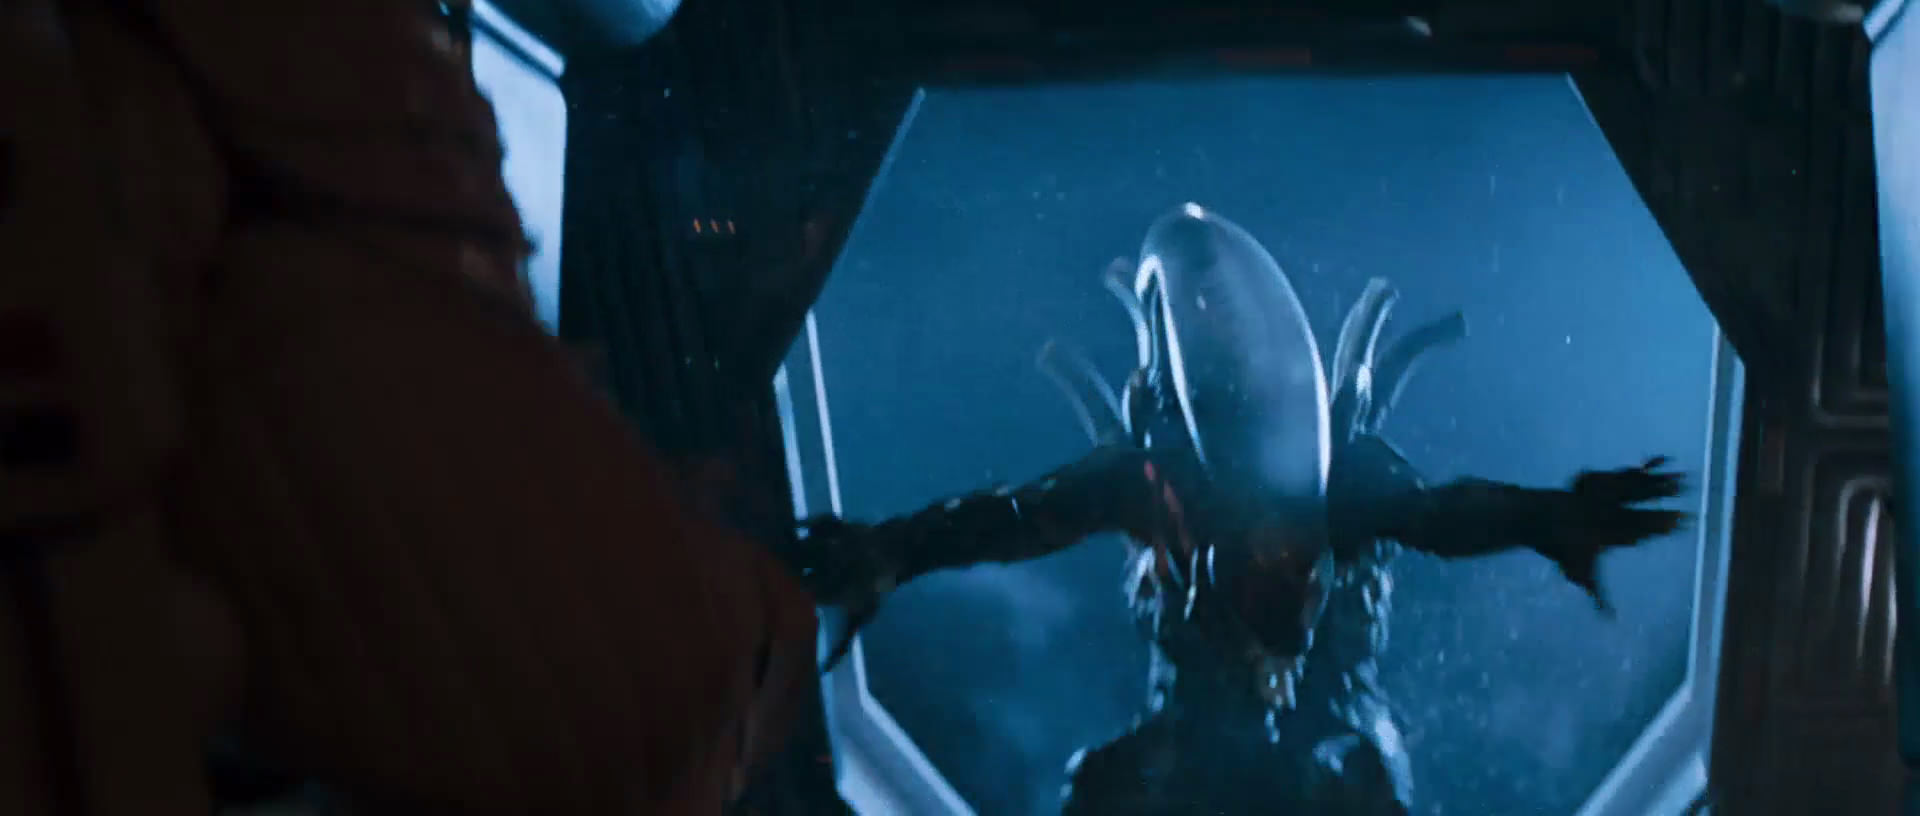 illegal aliens essay